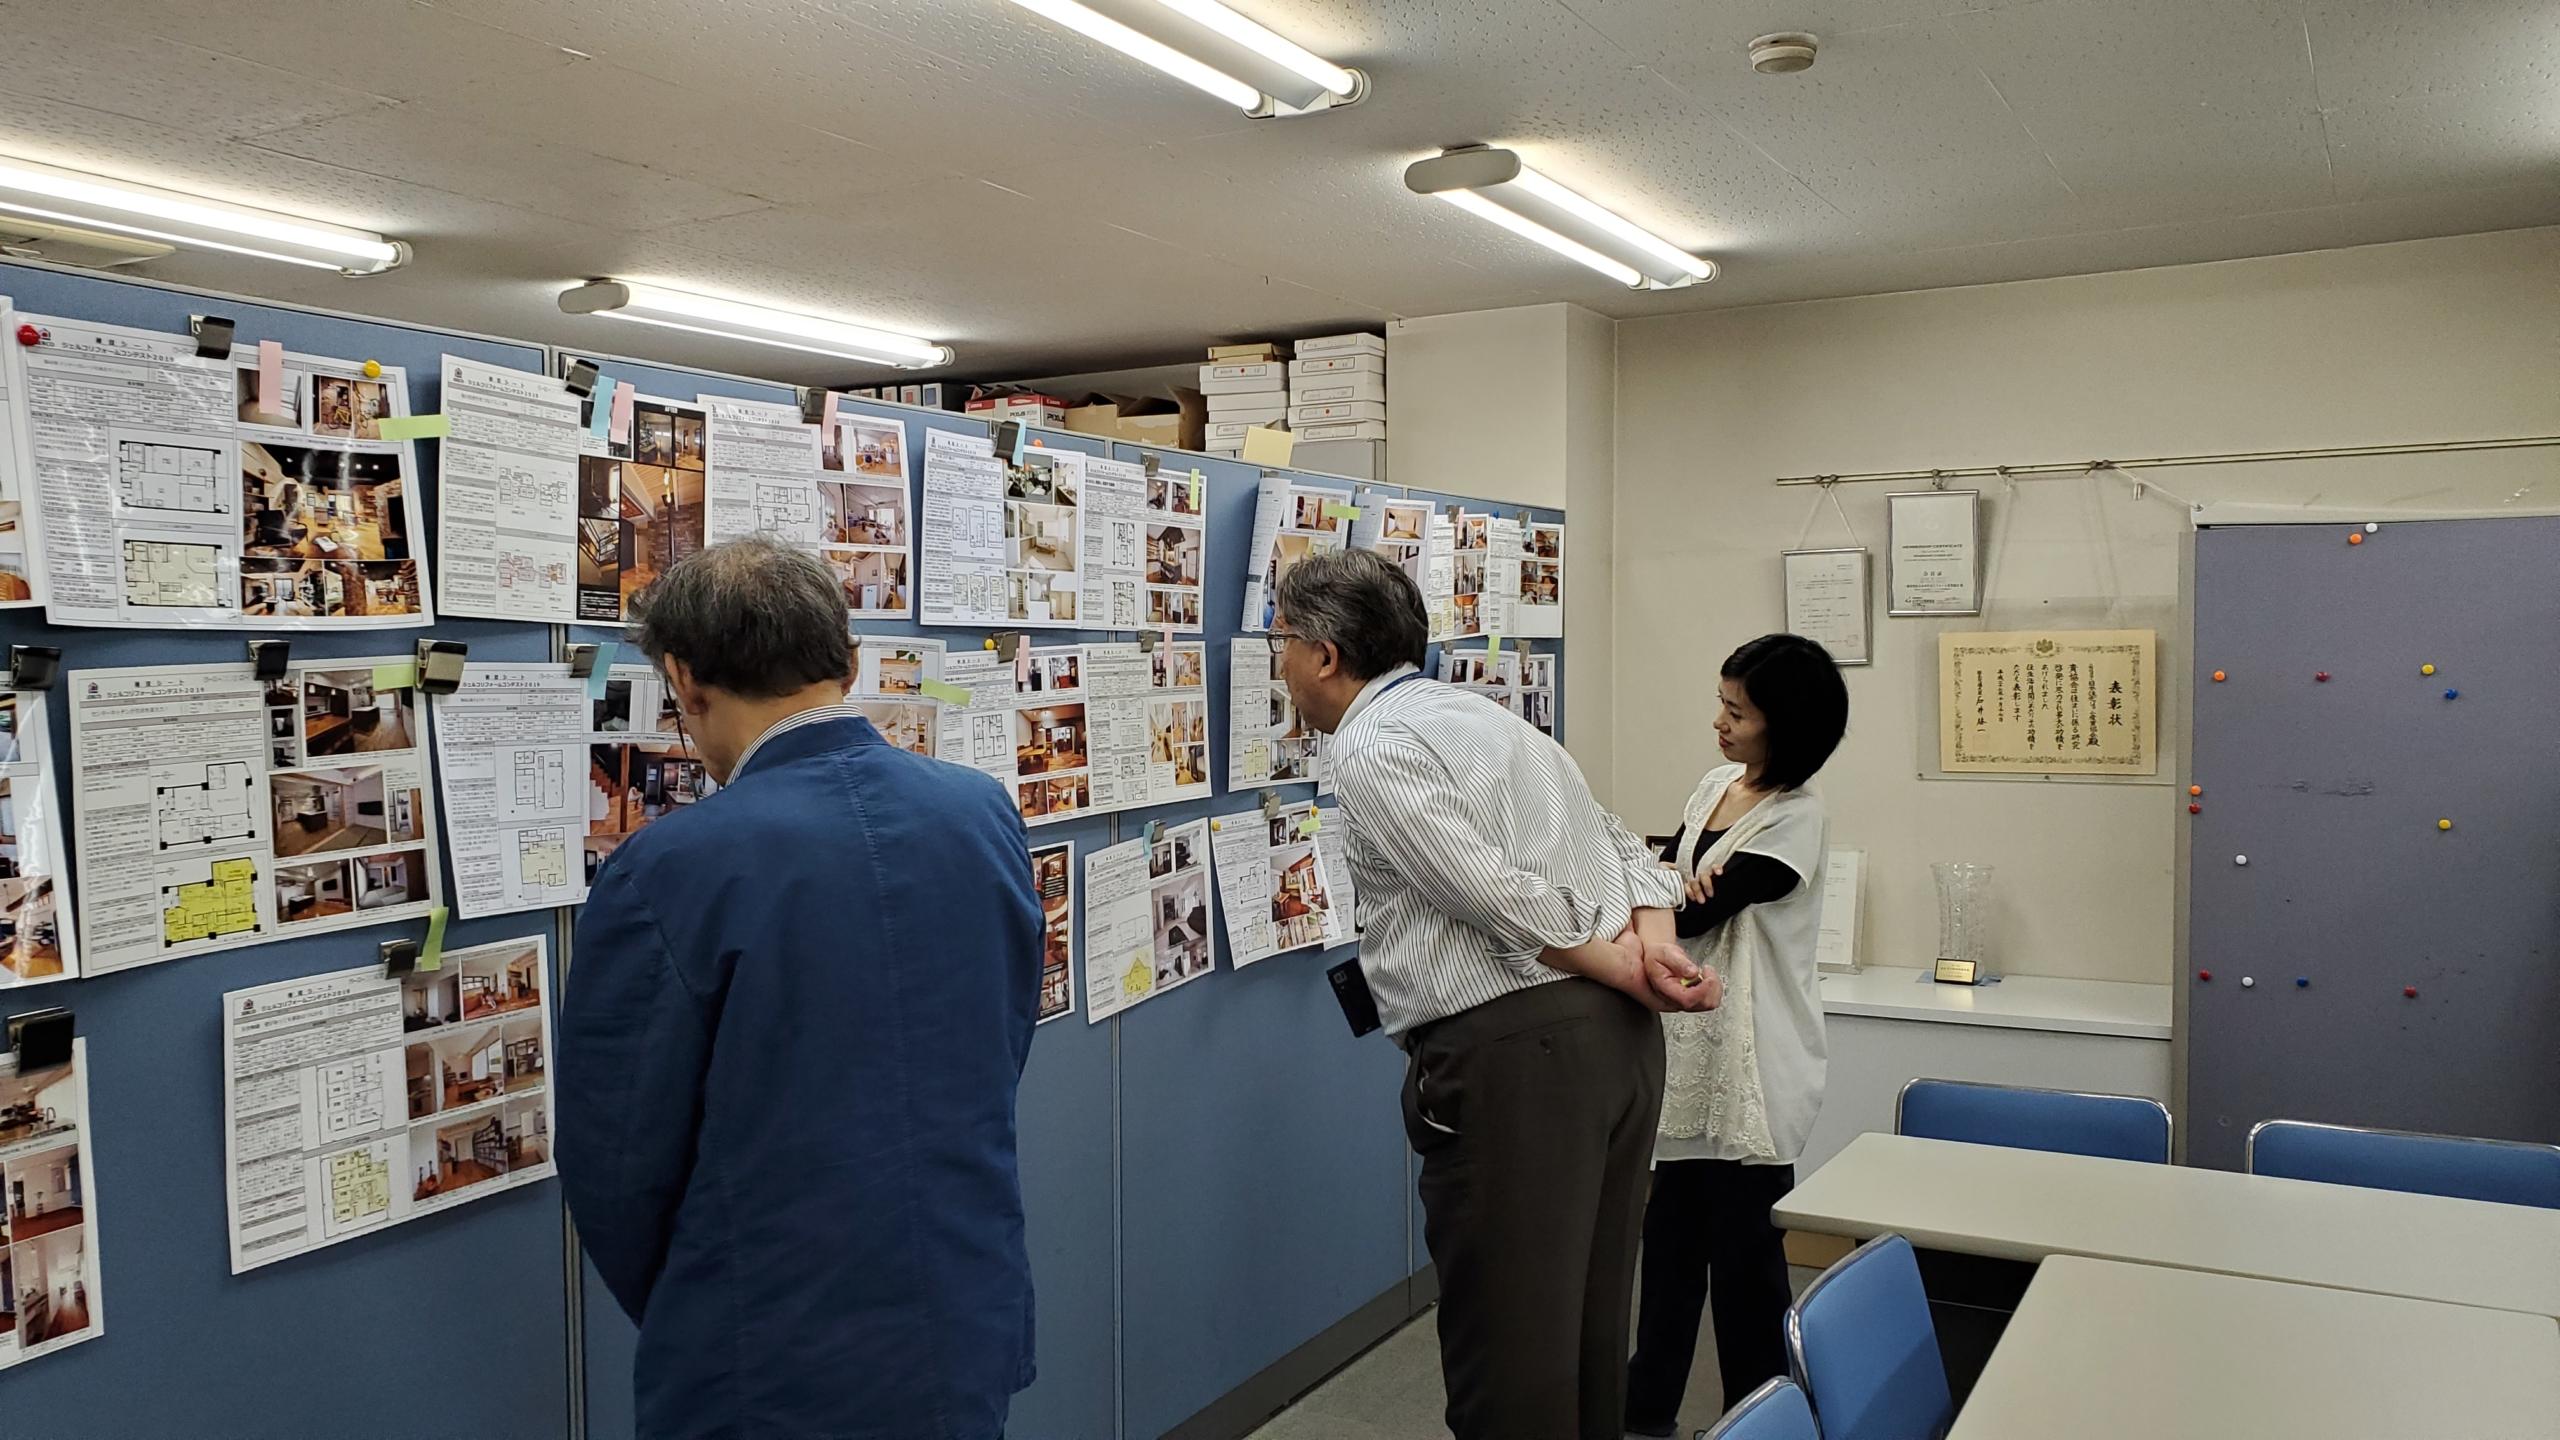 リフォームコンテスト2019 デザイン部門 関東甲信越支部審査会を実施しました。